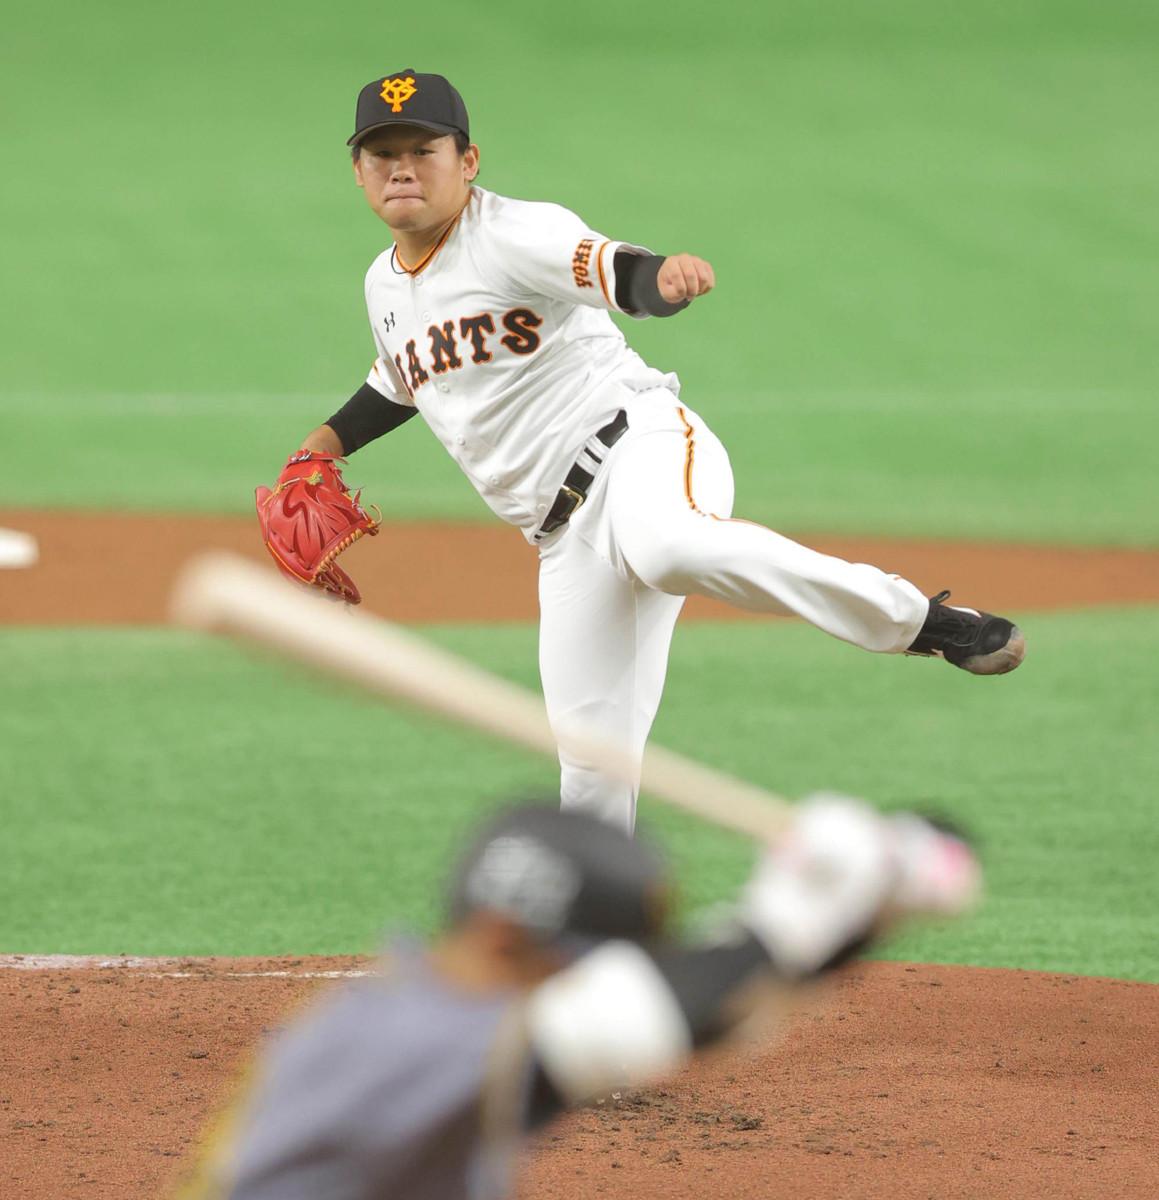 【巨人】田口麗斗、777日ぶりの先発勝利 5回1失点